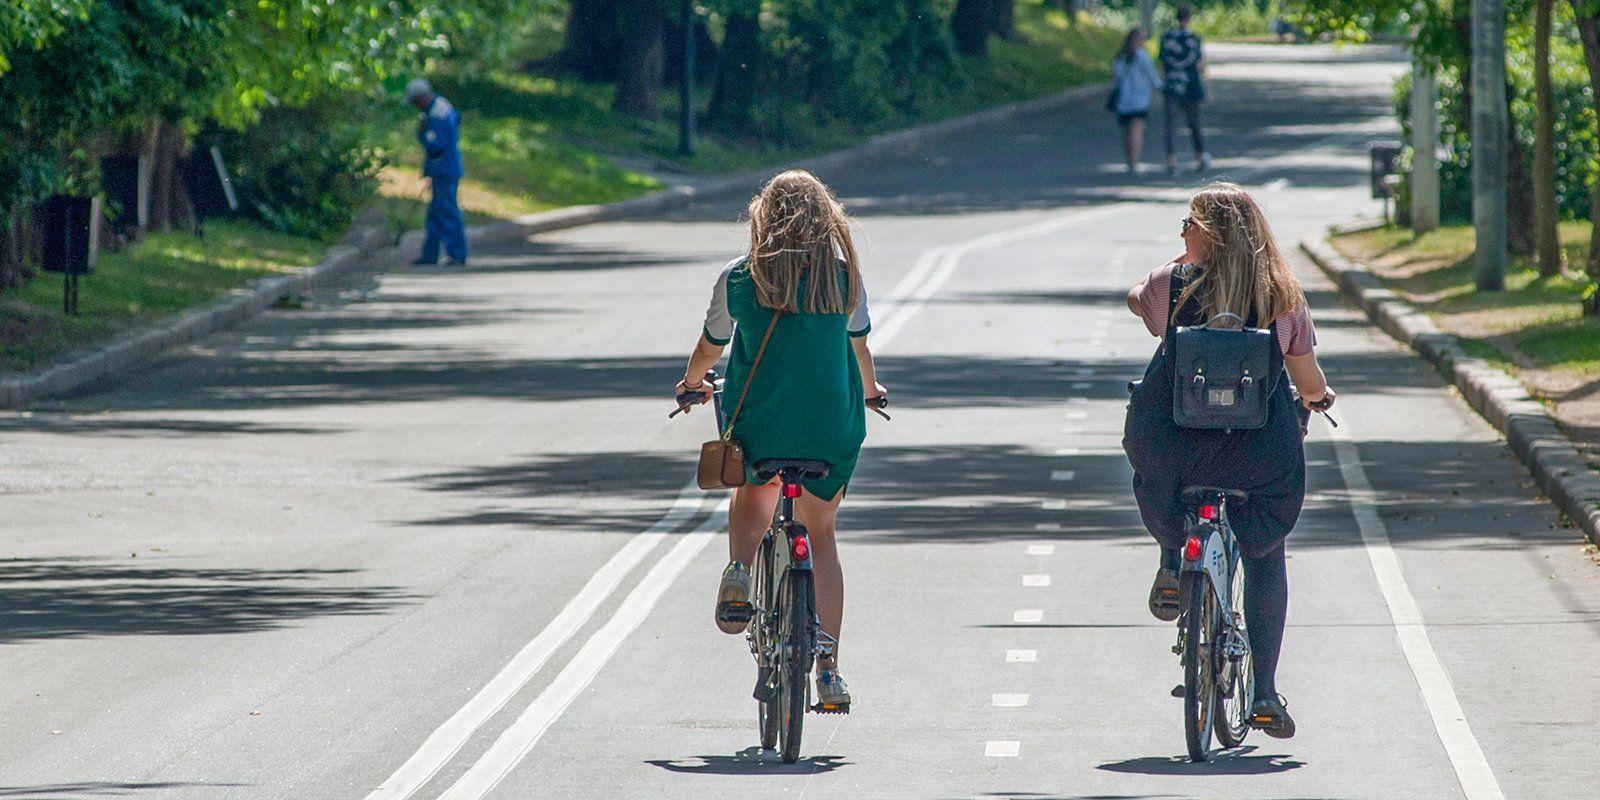 По маршрутам для двухколесного средства передвижения можно будет добраться в любую точку Новой Москвы. Фото: сайт мэра Москвы